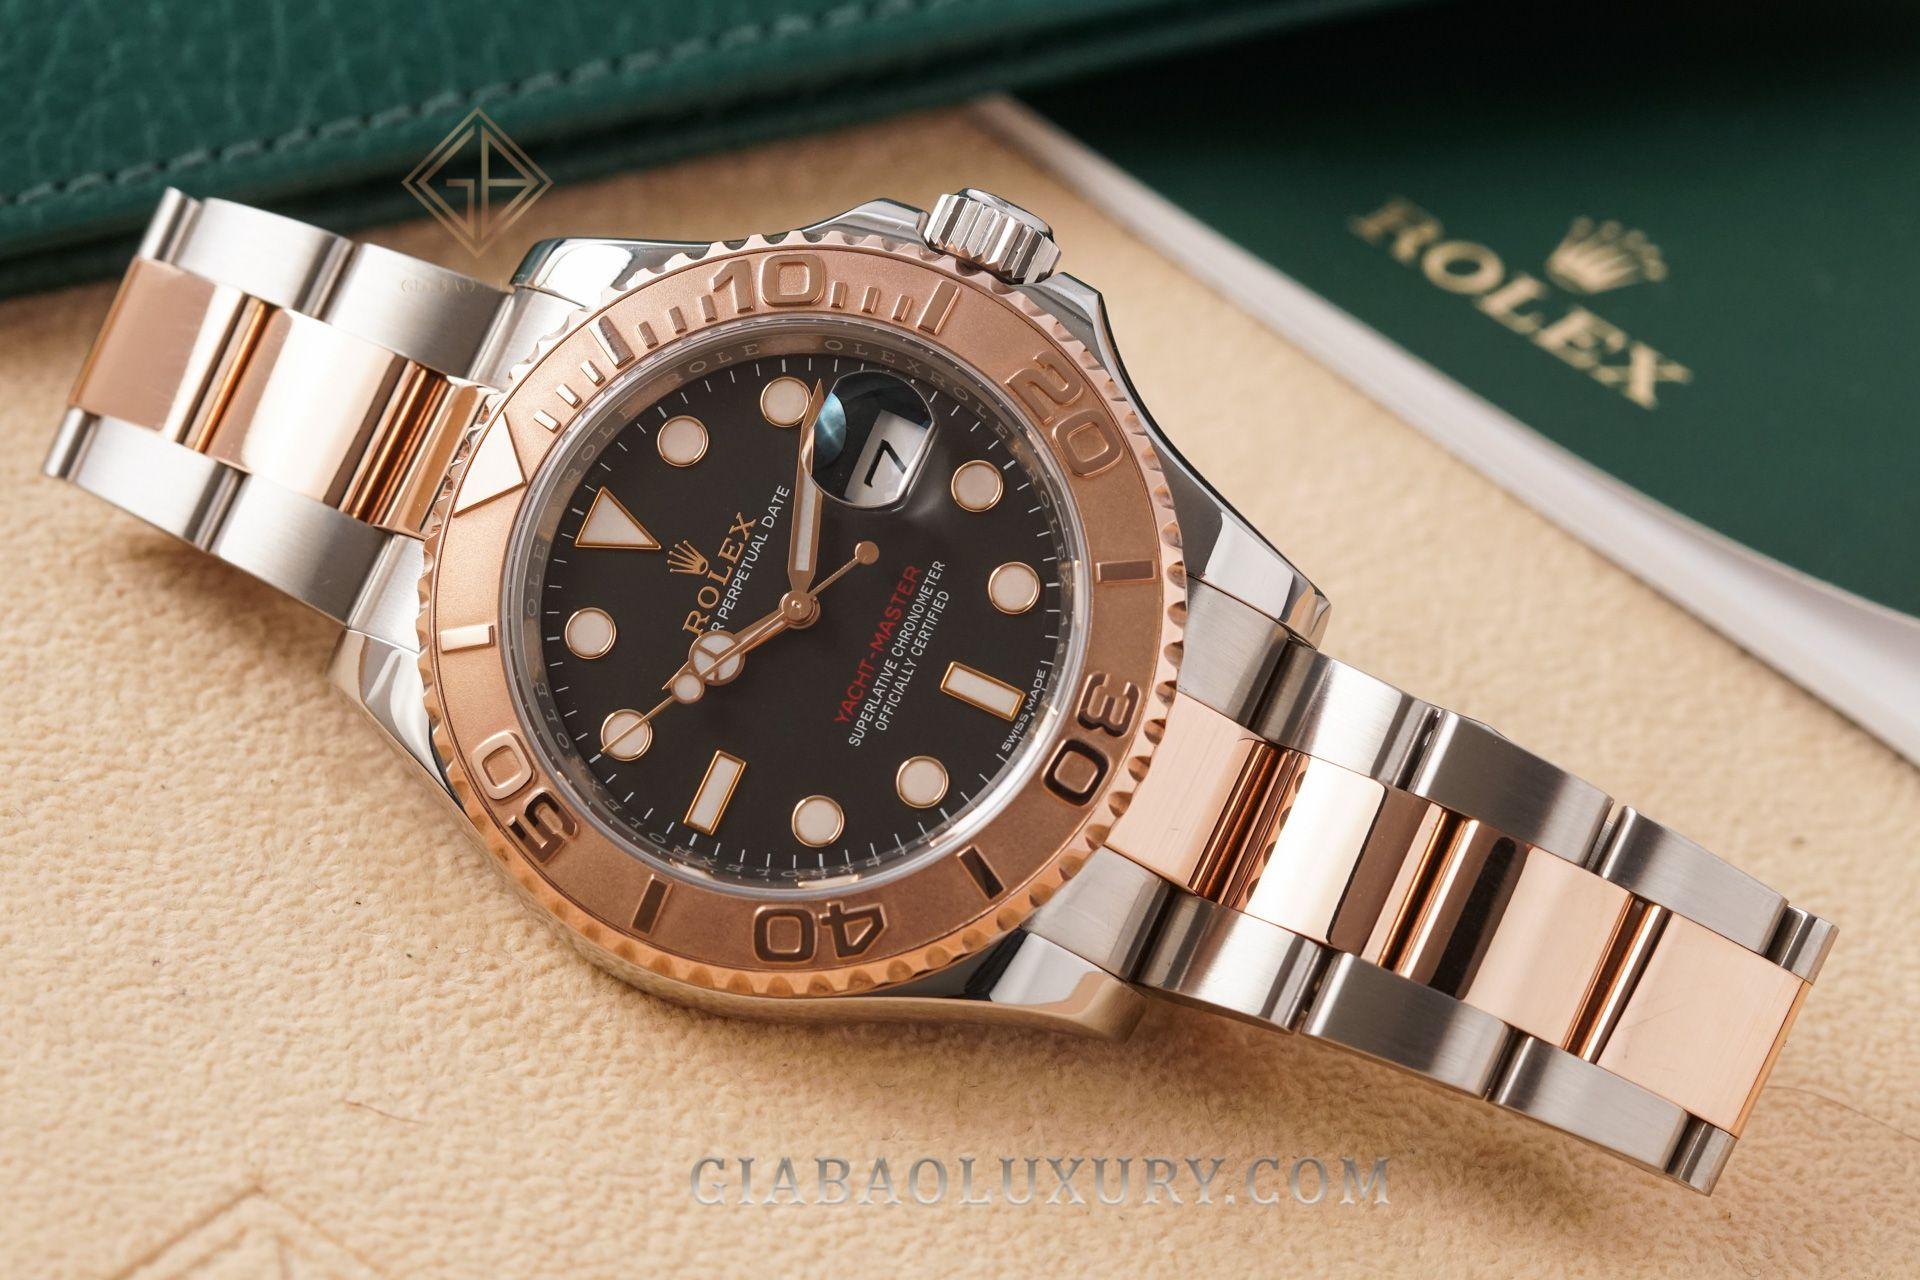 Thu mua đồng hồ Rolex Yacht-Master chính hãng